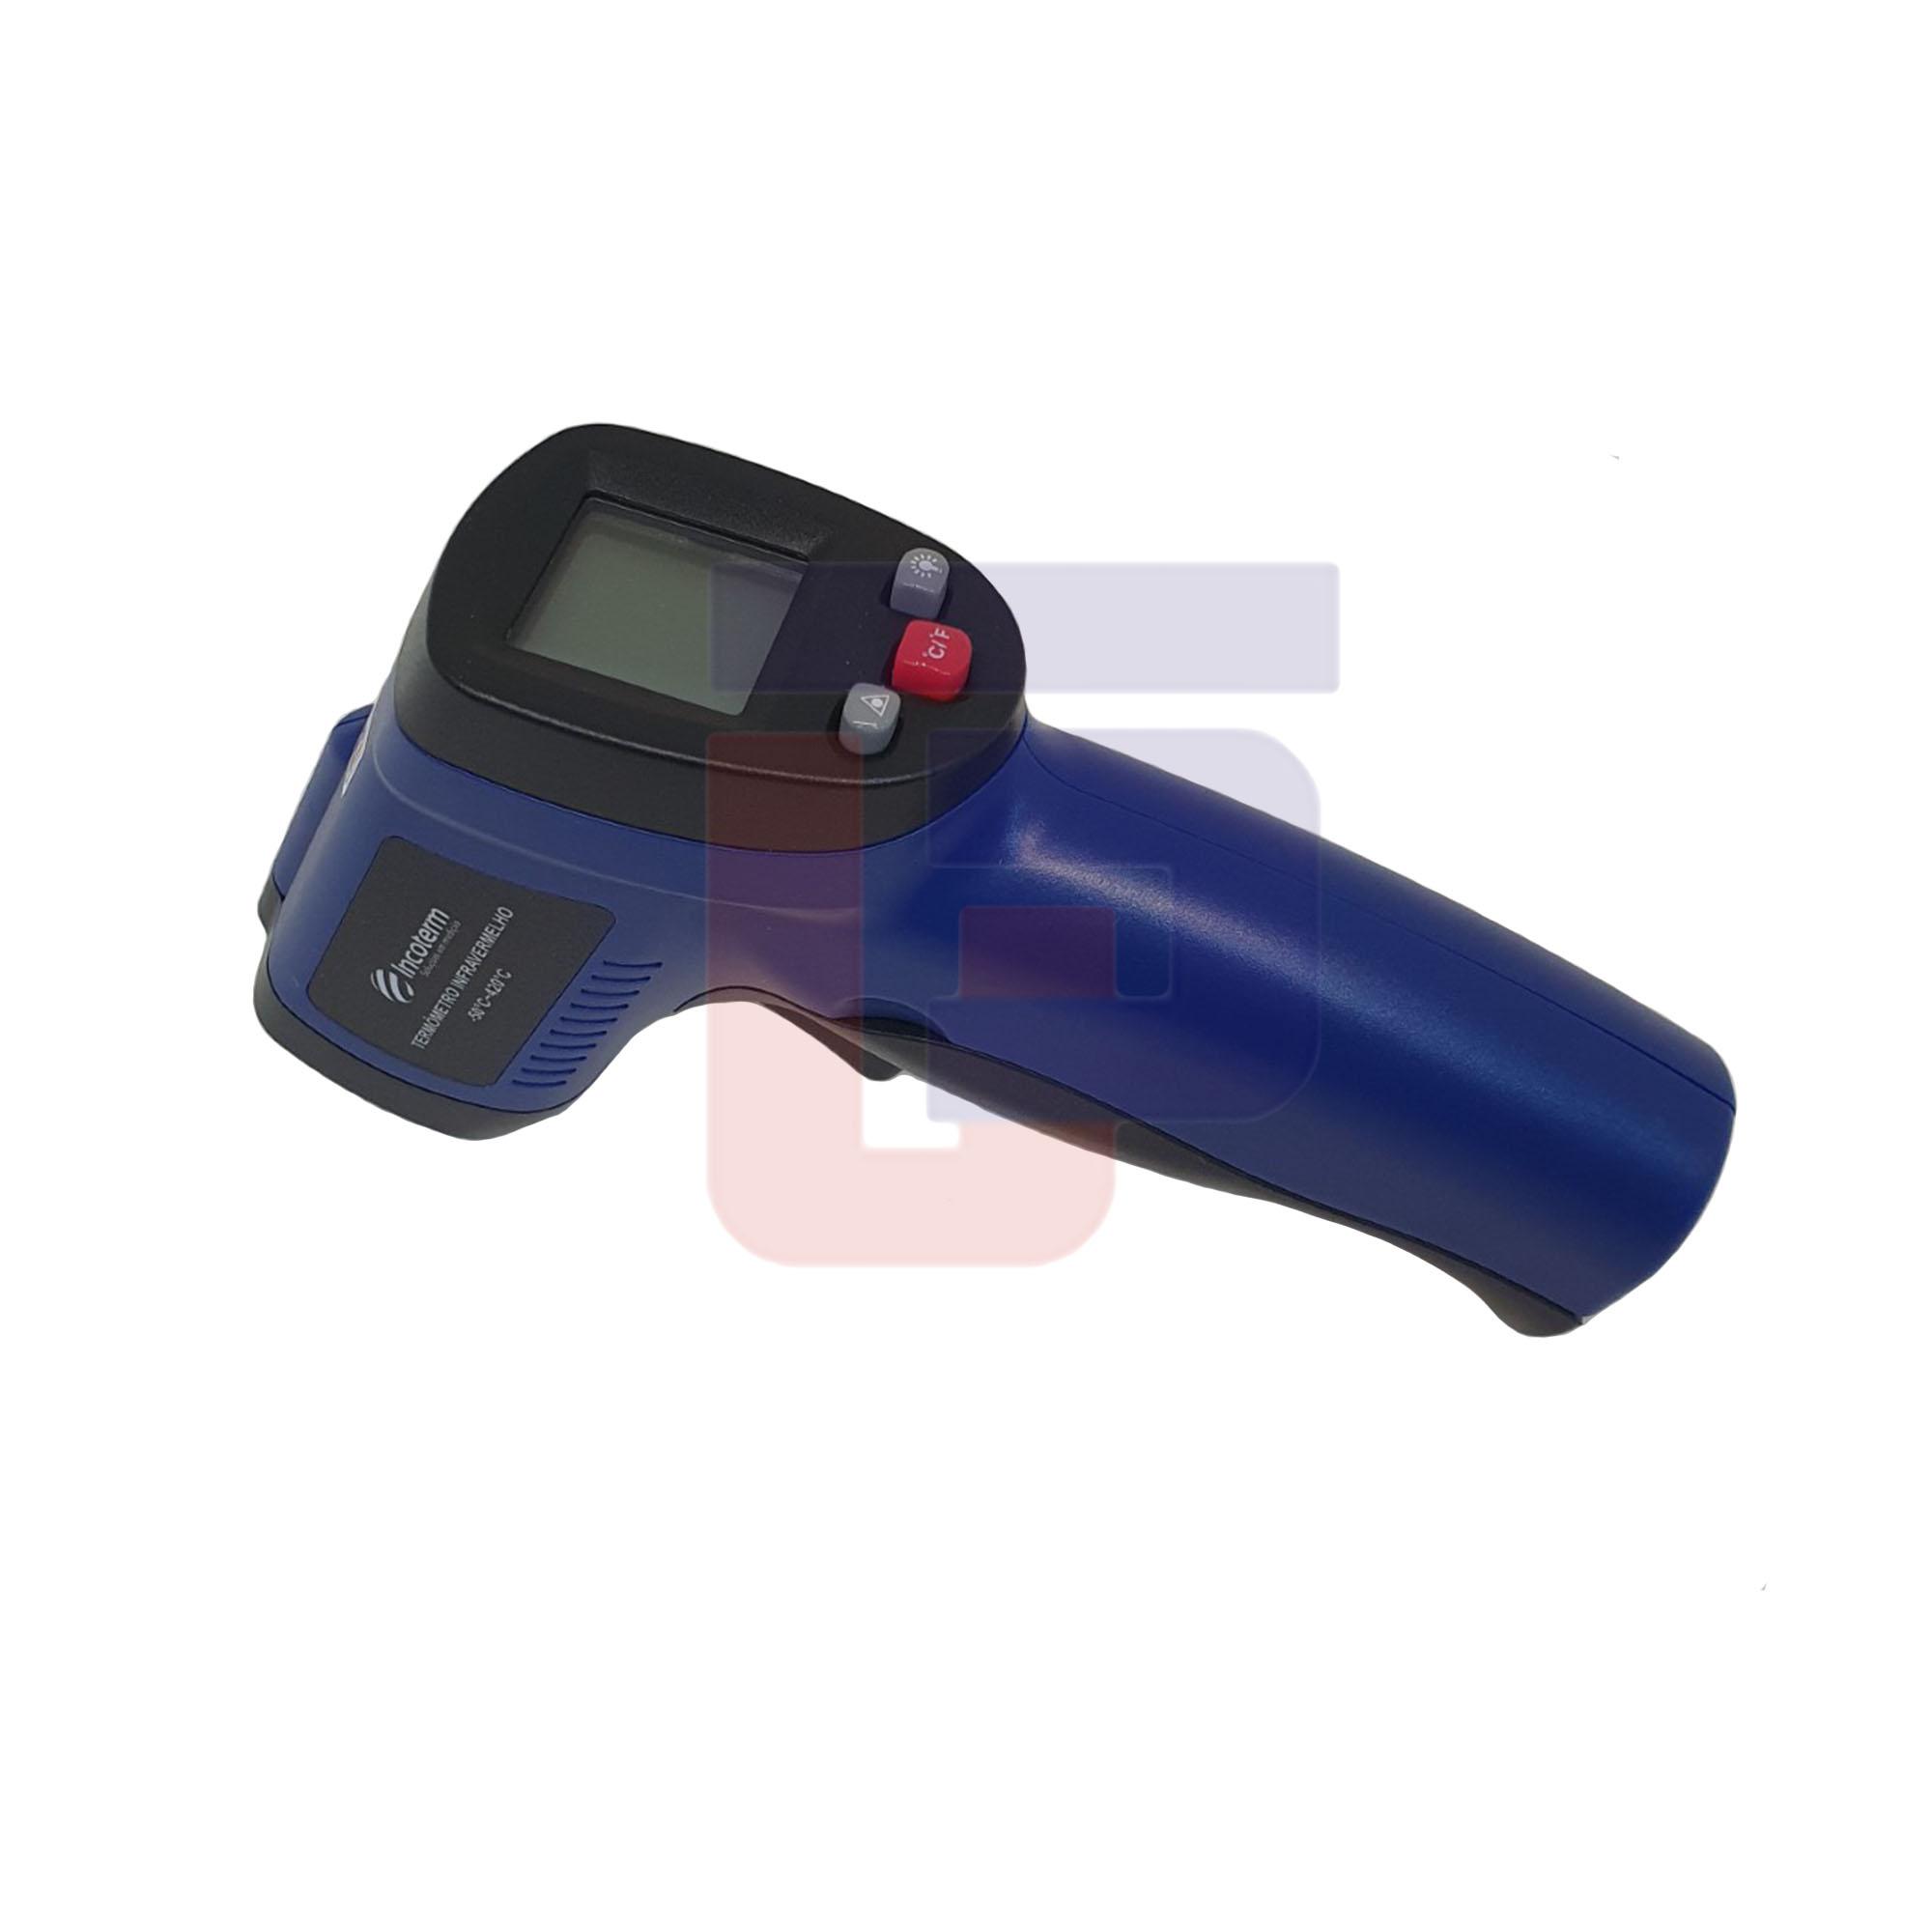 Termômetro Infravermelho ST-400 Incoterm